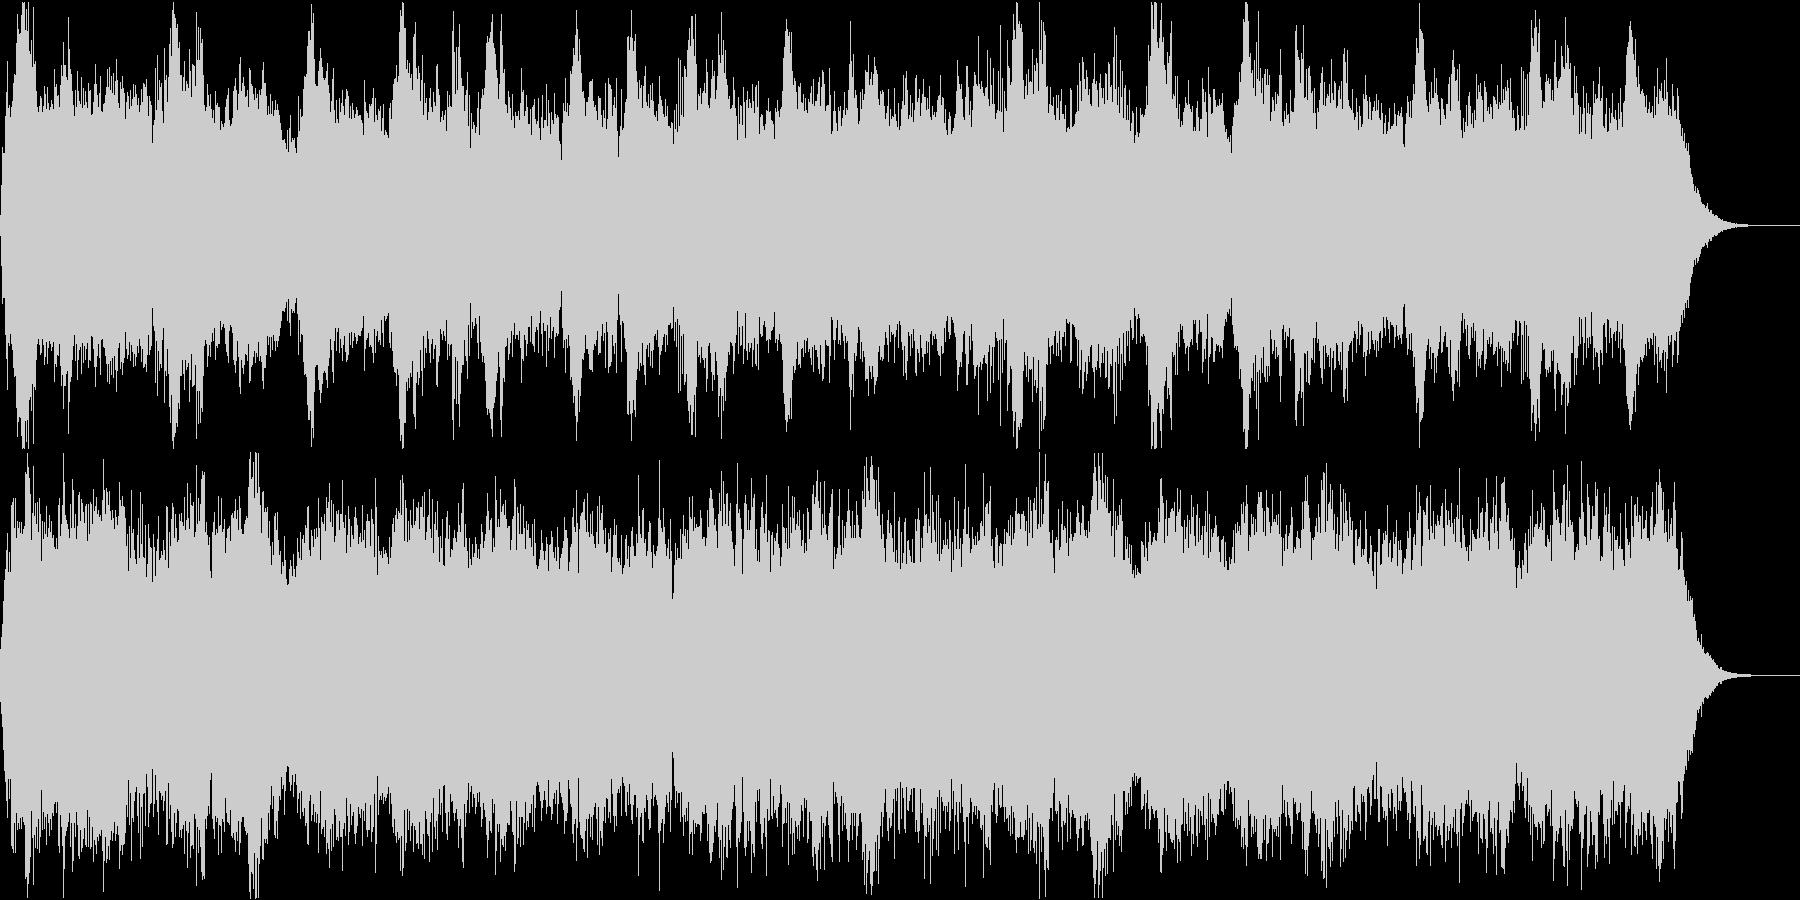 近未来な曲(スマート、電子音、動作音)の未再生の波形